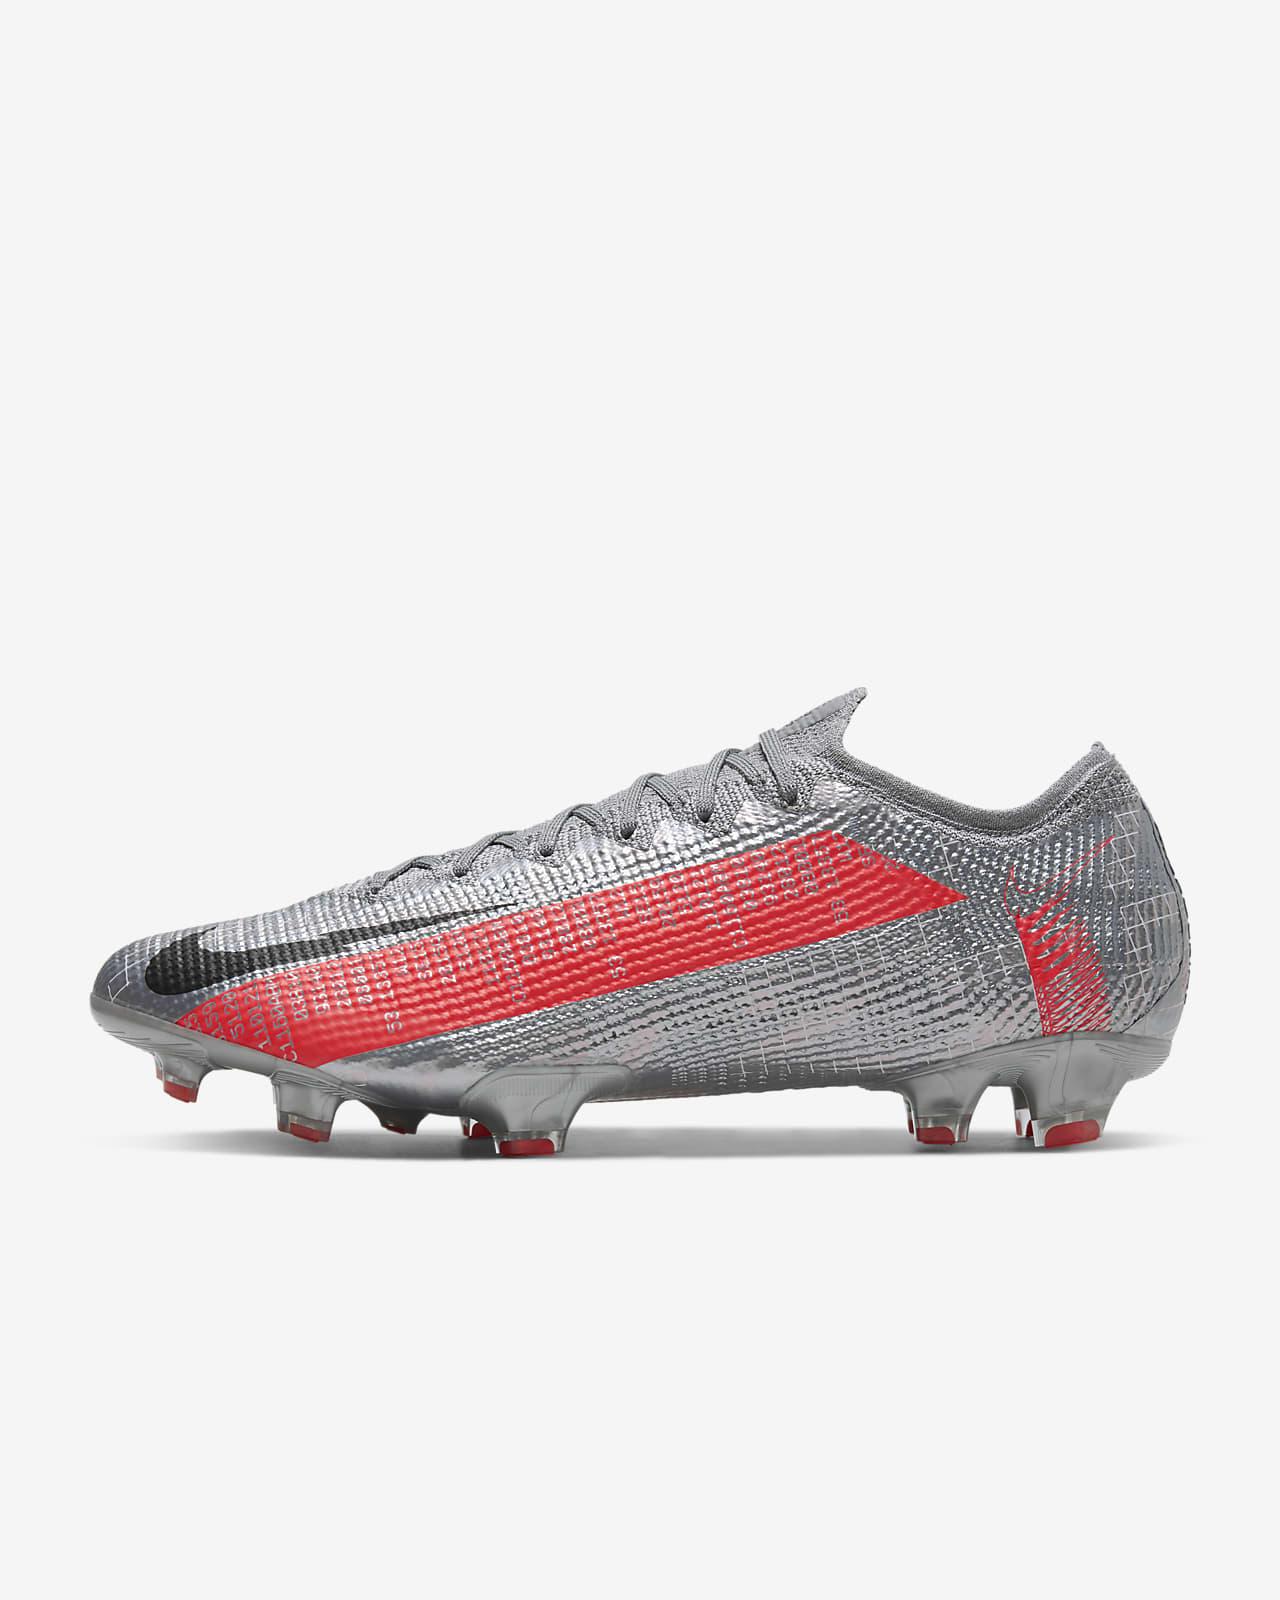 Chaussure de football à crampons pour terrain sec Nike Mercurial Vapor 13 Elite FG